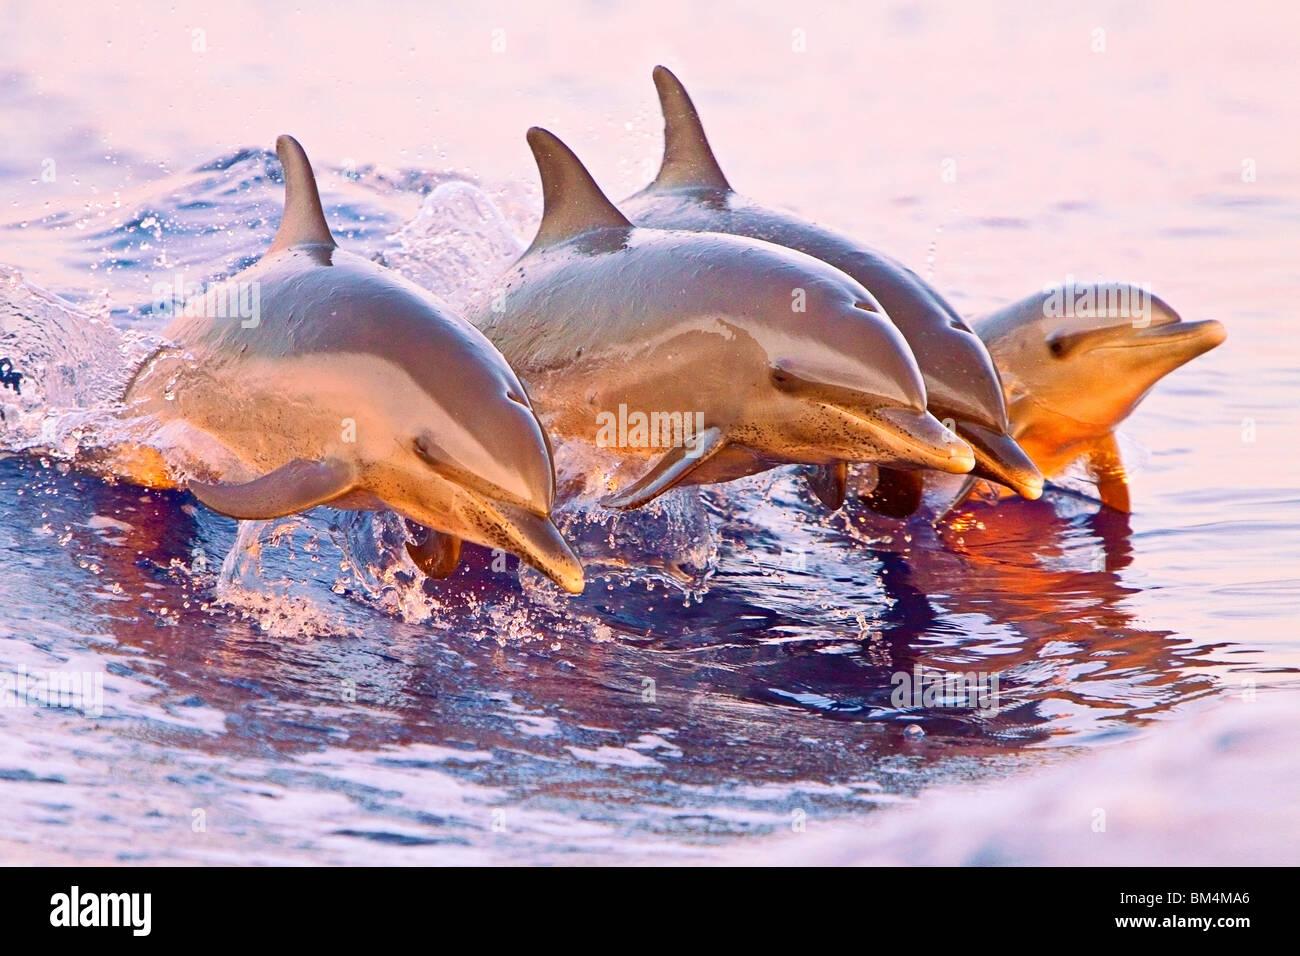 El Delfín Manchado Pantropical, Stenella attenuata, Océano Pacífico, Hawai, EE.UU. Imagen De Stock